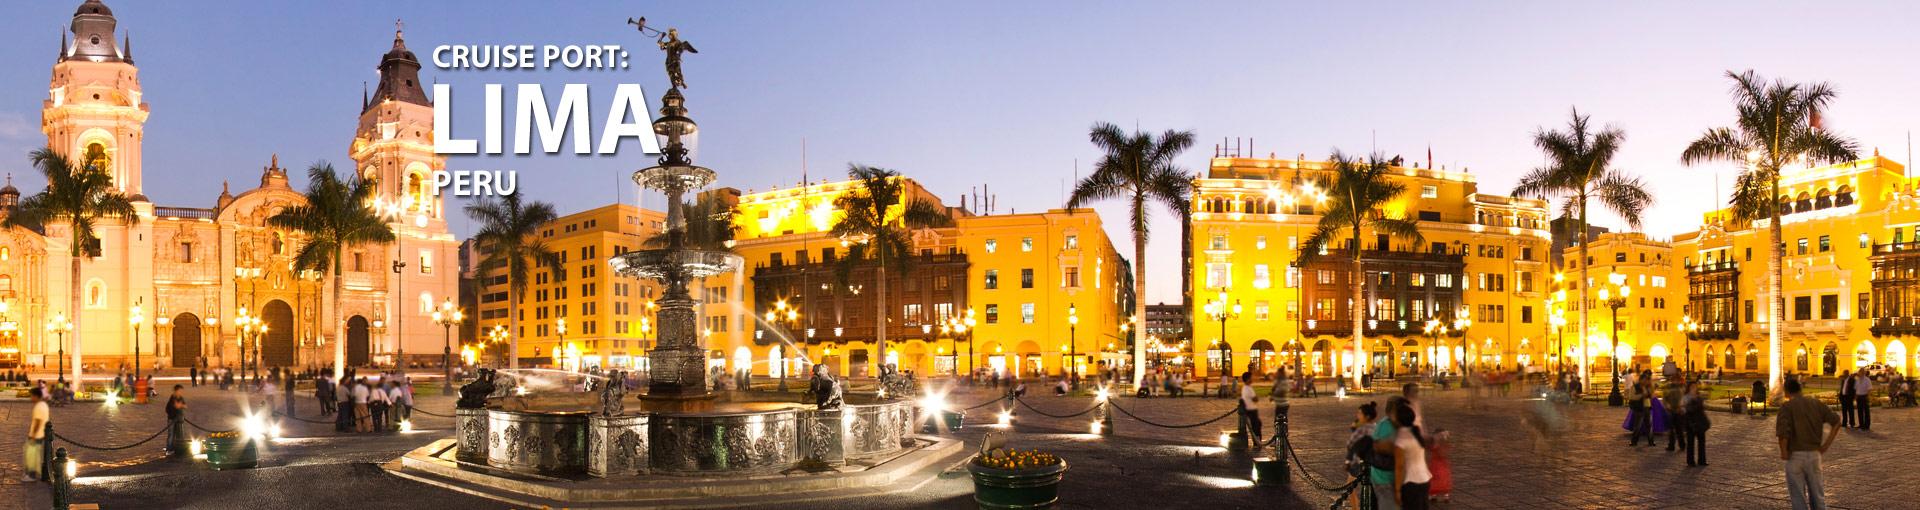 Cruises from Lima, Peru